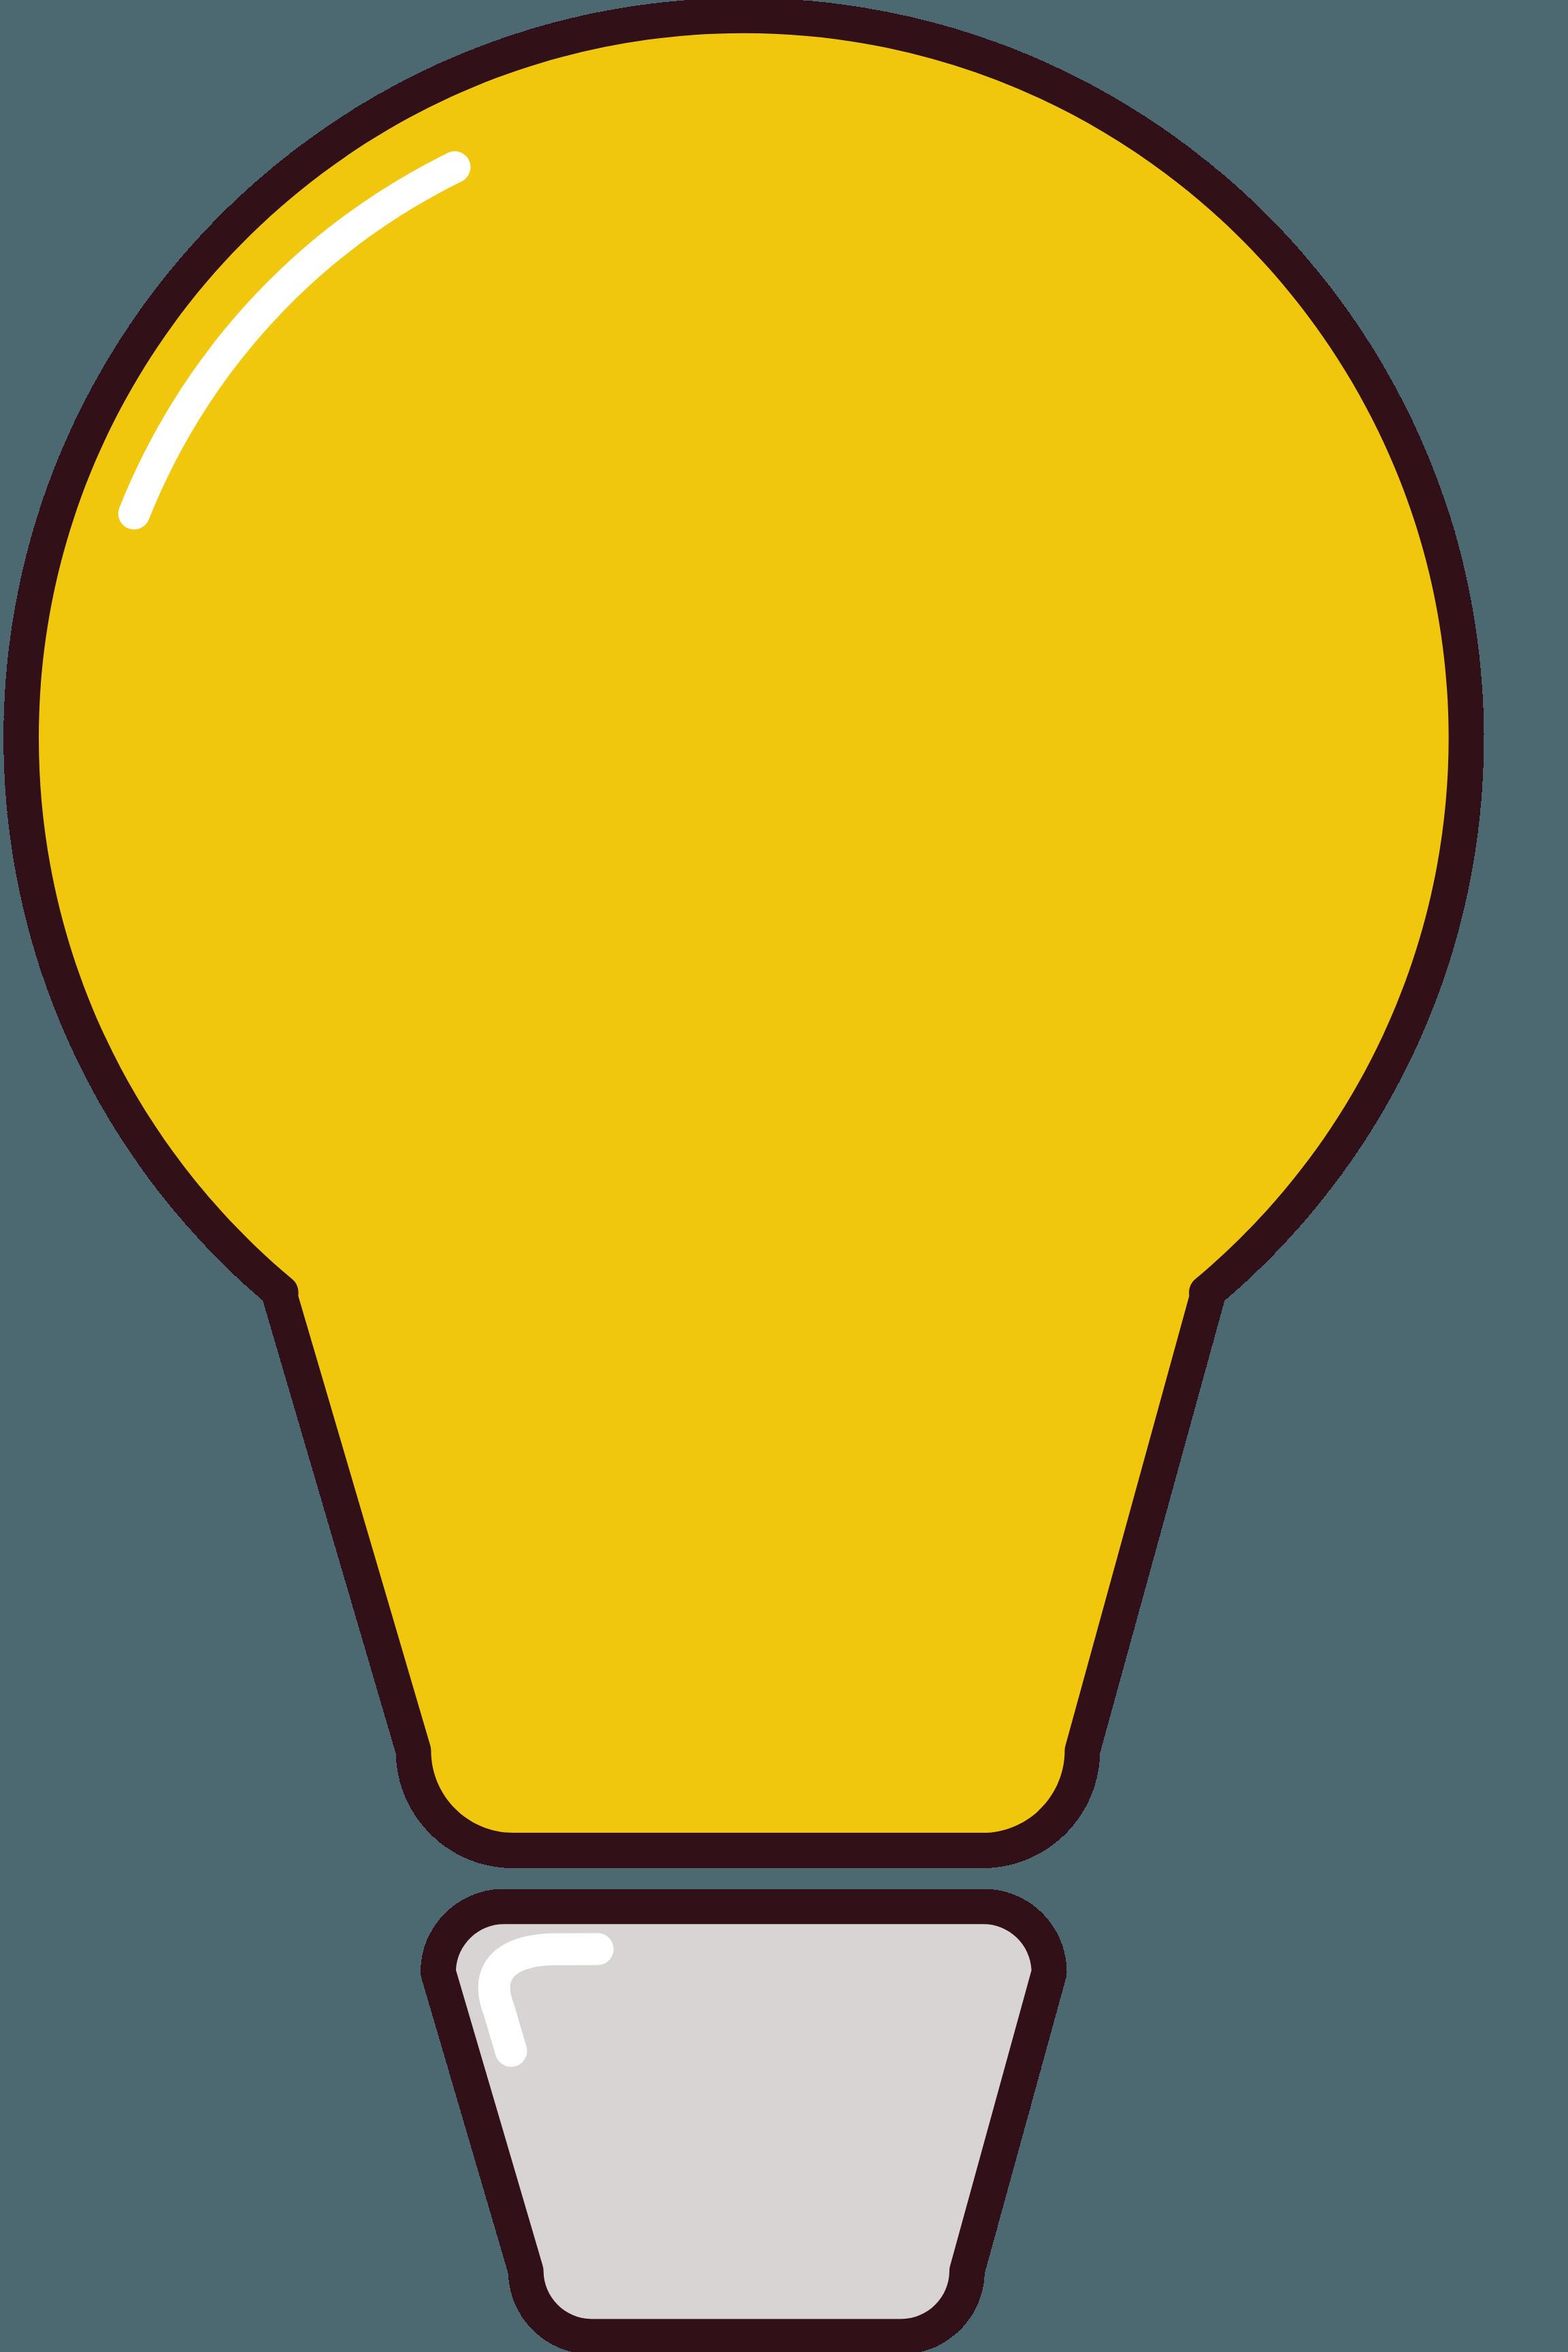 Image d'une ampoule